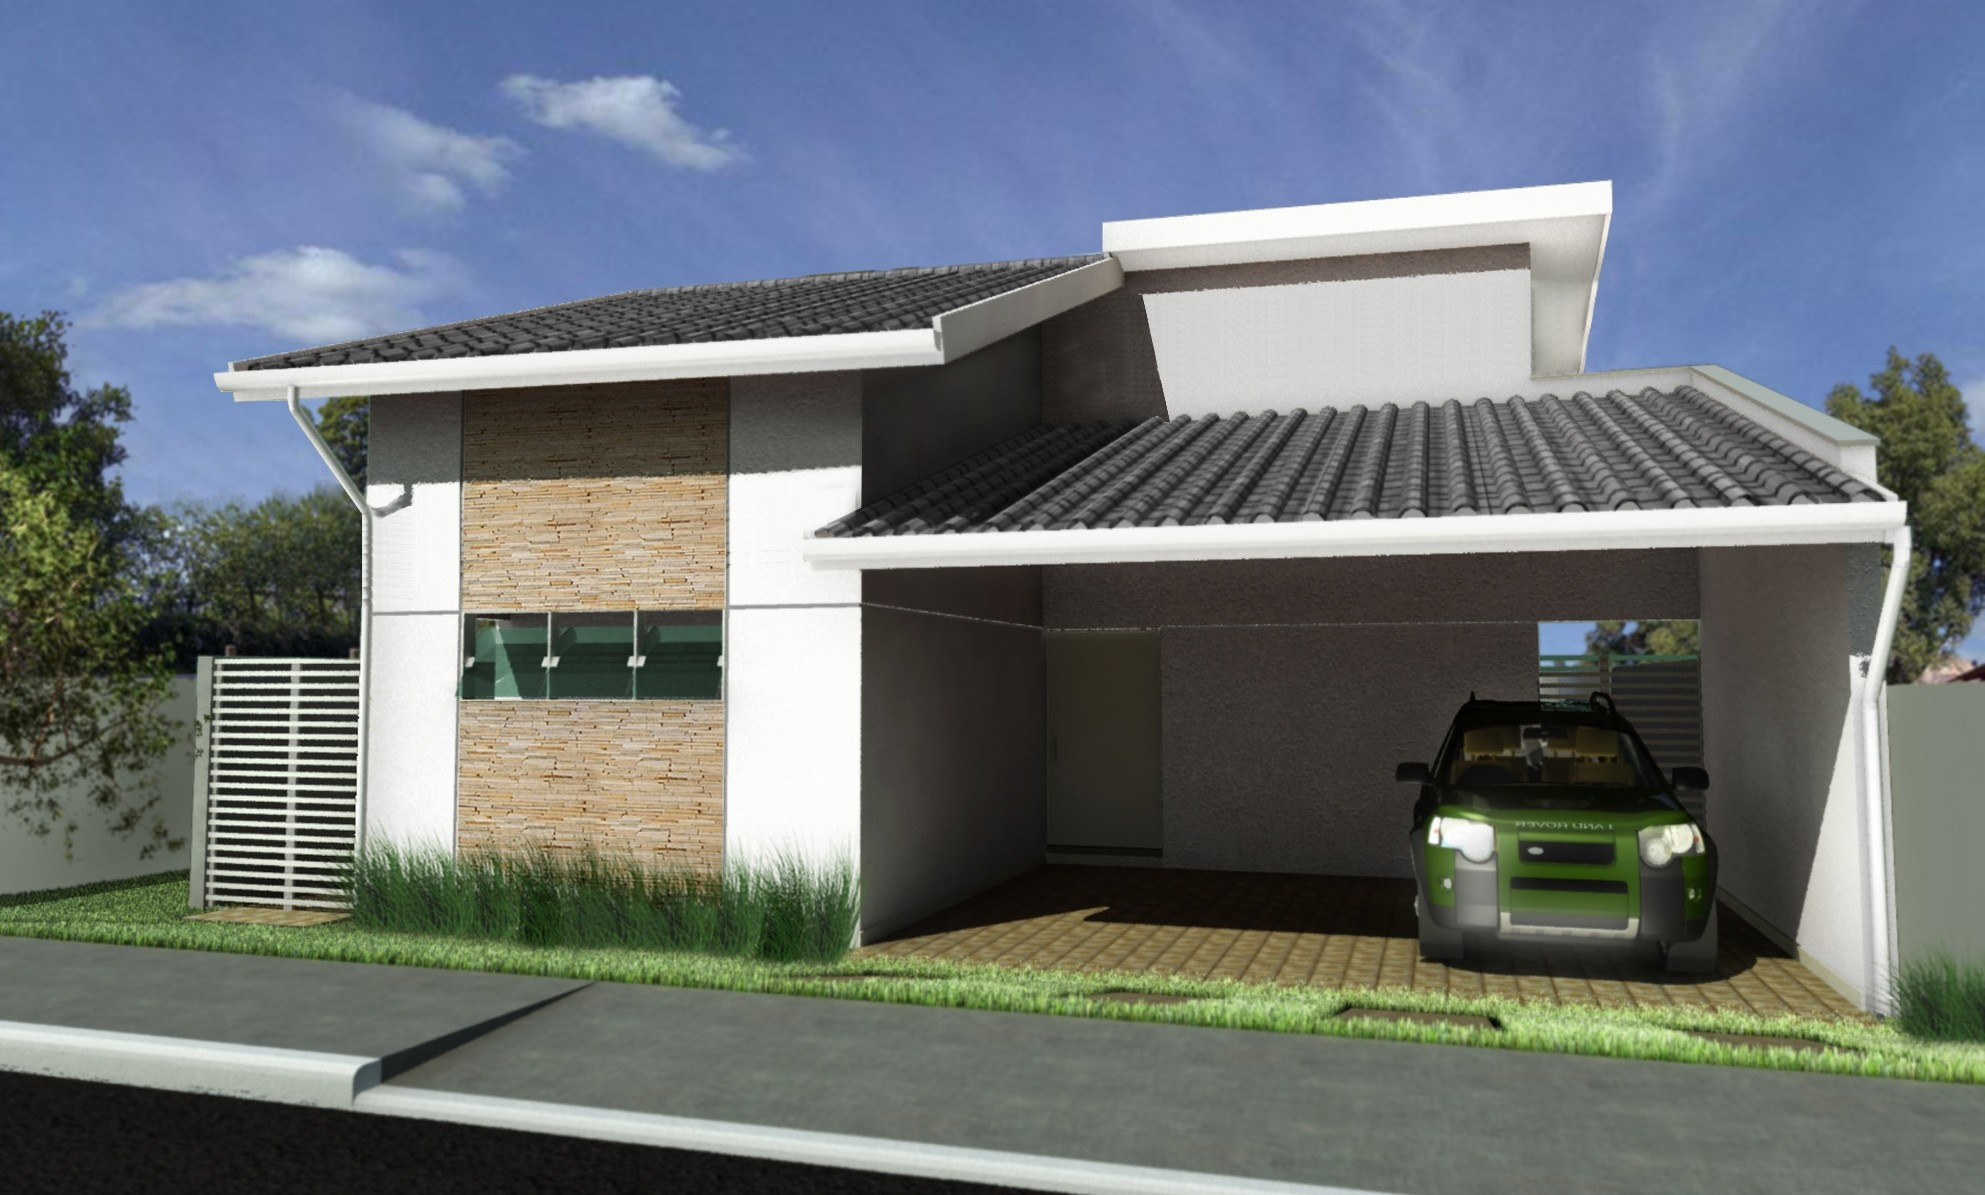 18 modelos de fachadas de casas modernas for Fachadas frontales de casas modernas